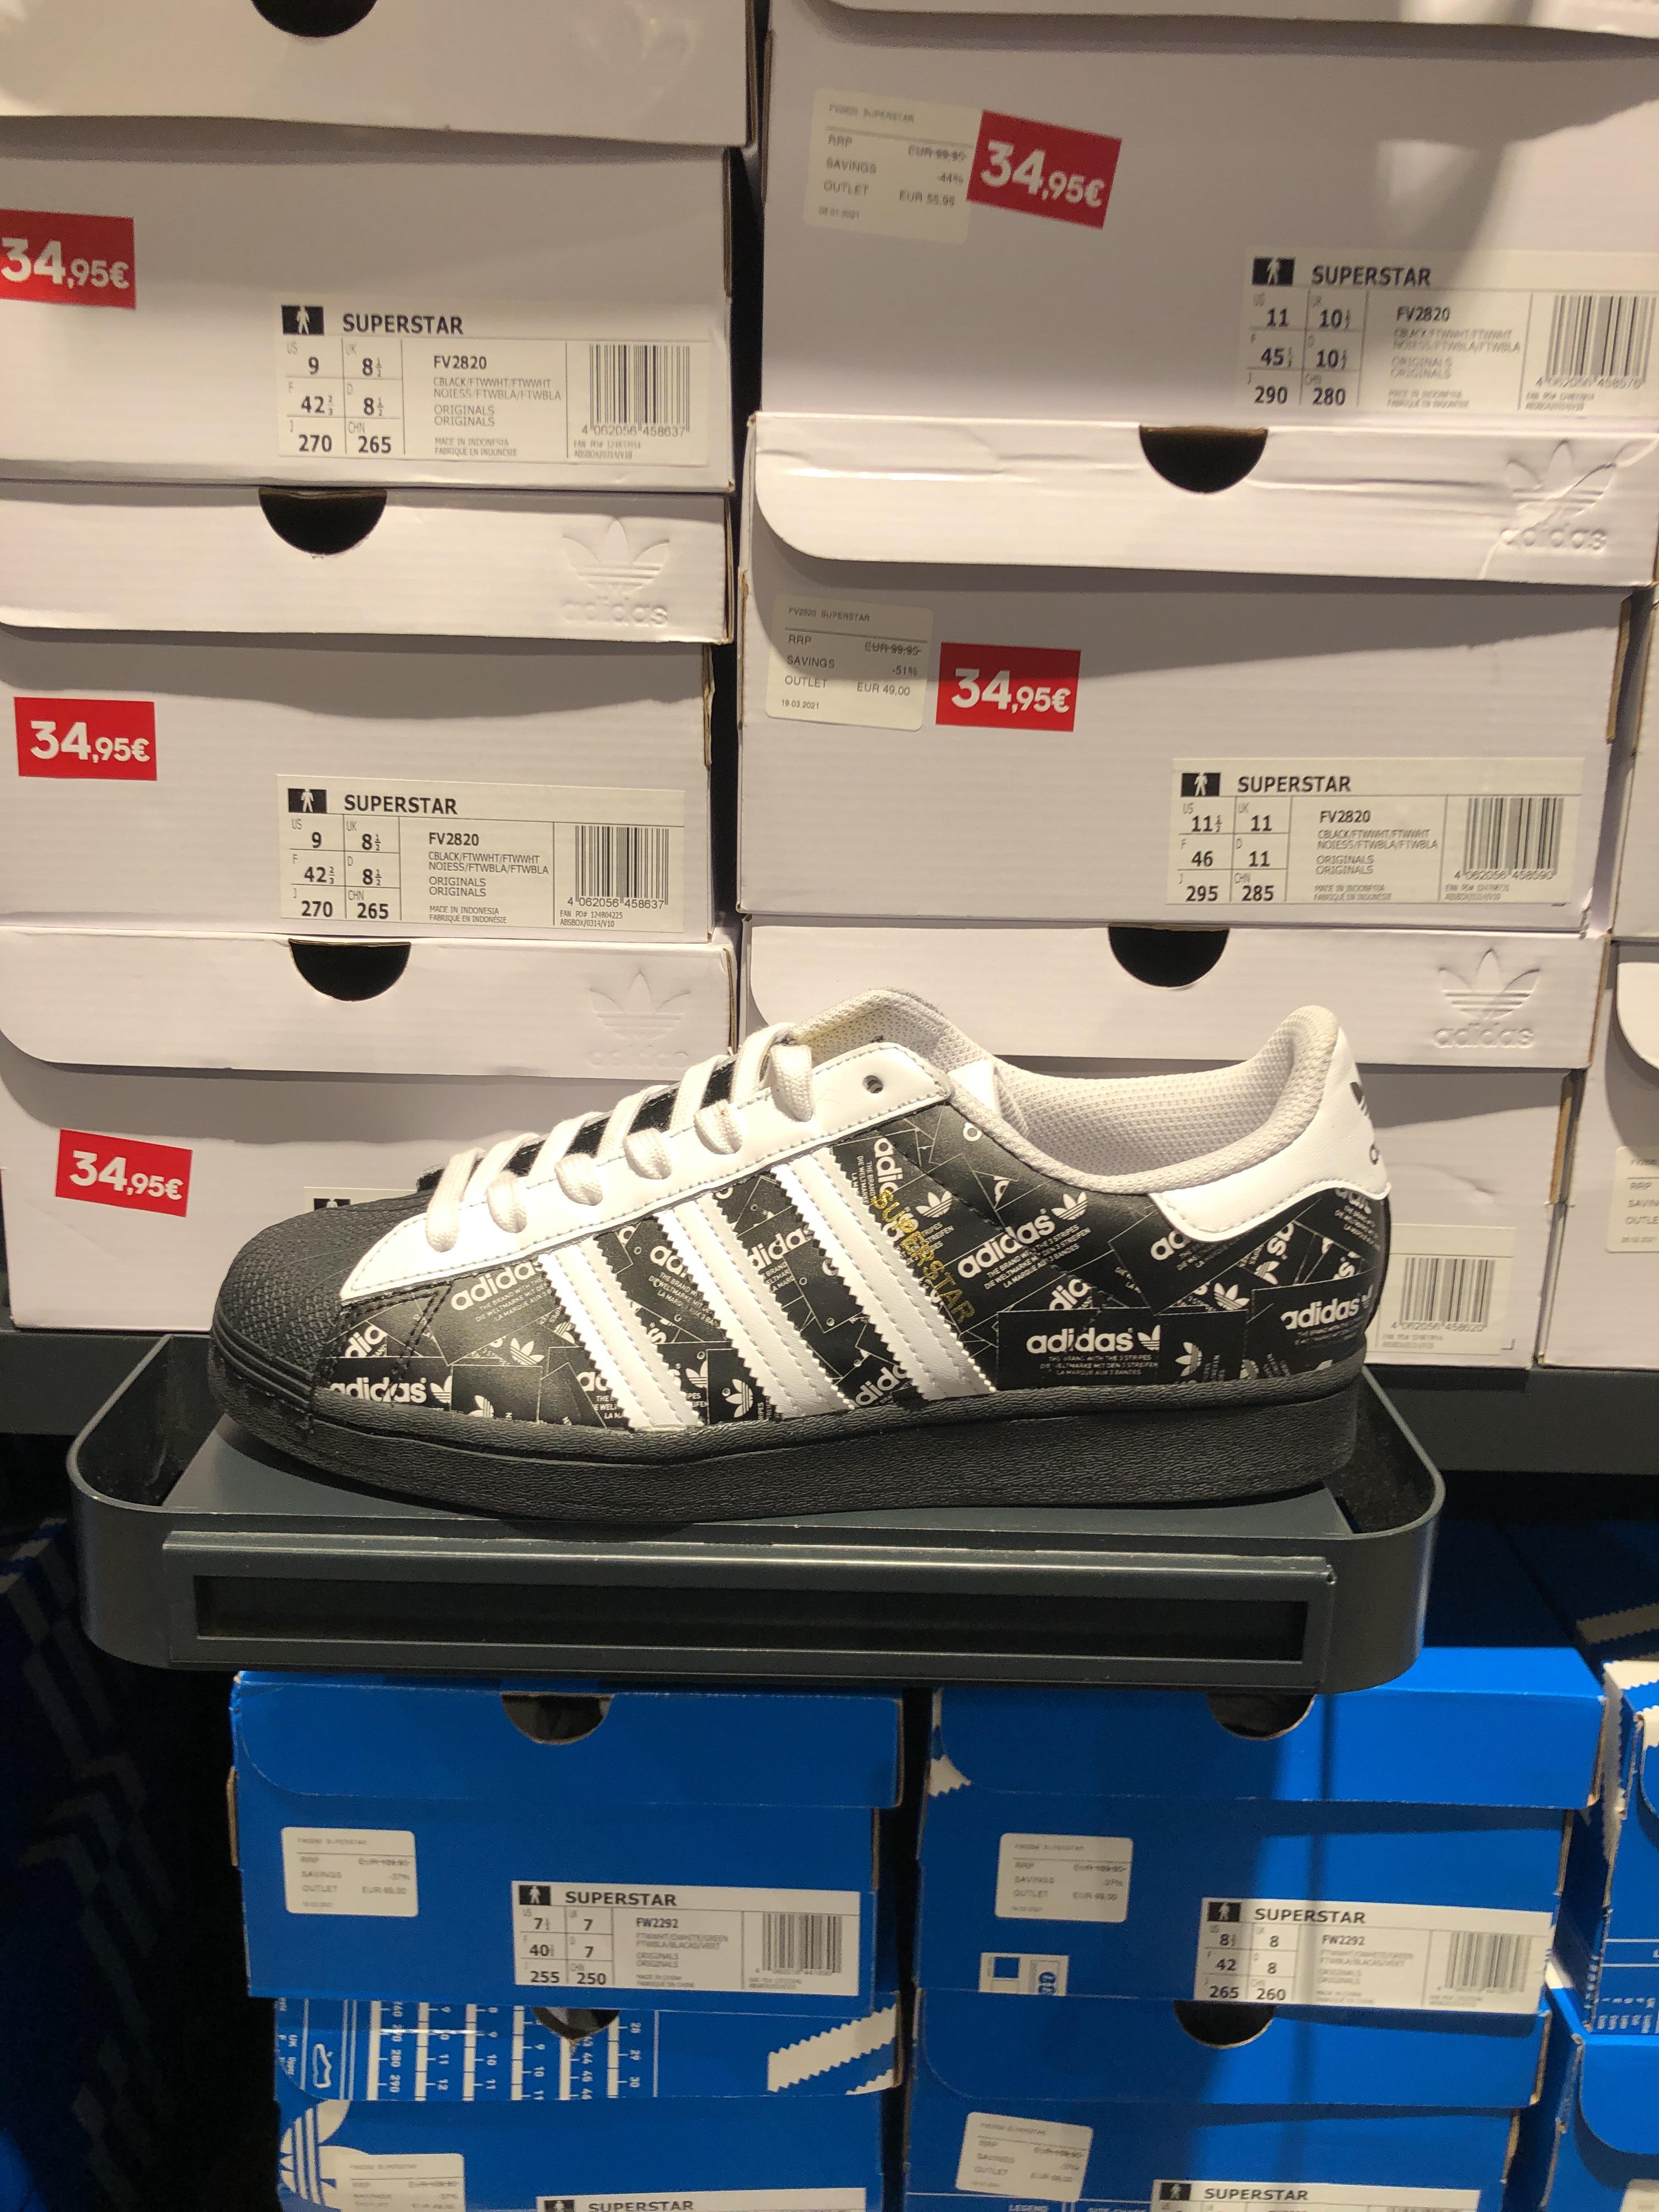 Adidas Originals SUPERSTAR FV2820 (Outlet S.S. Reyes)